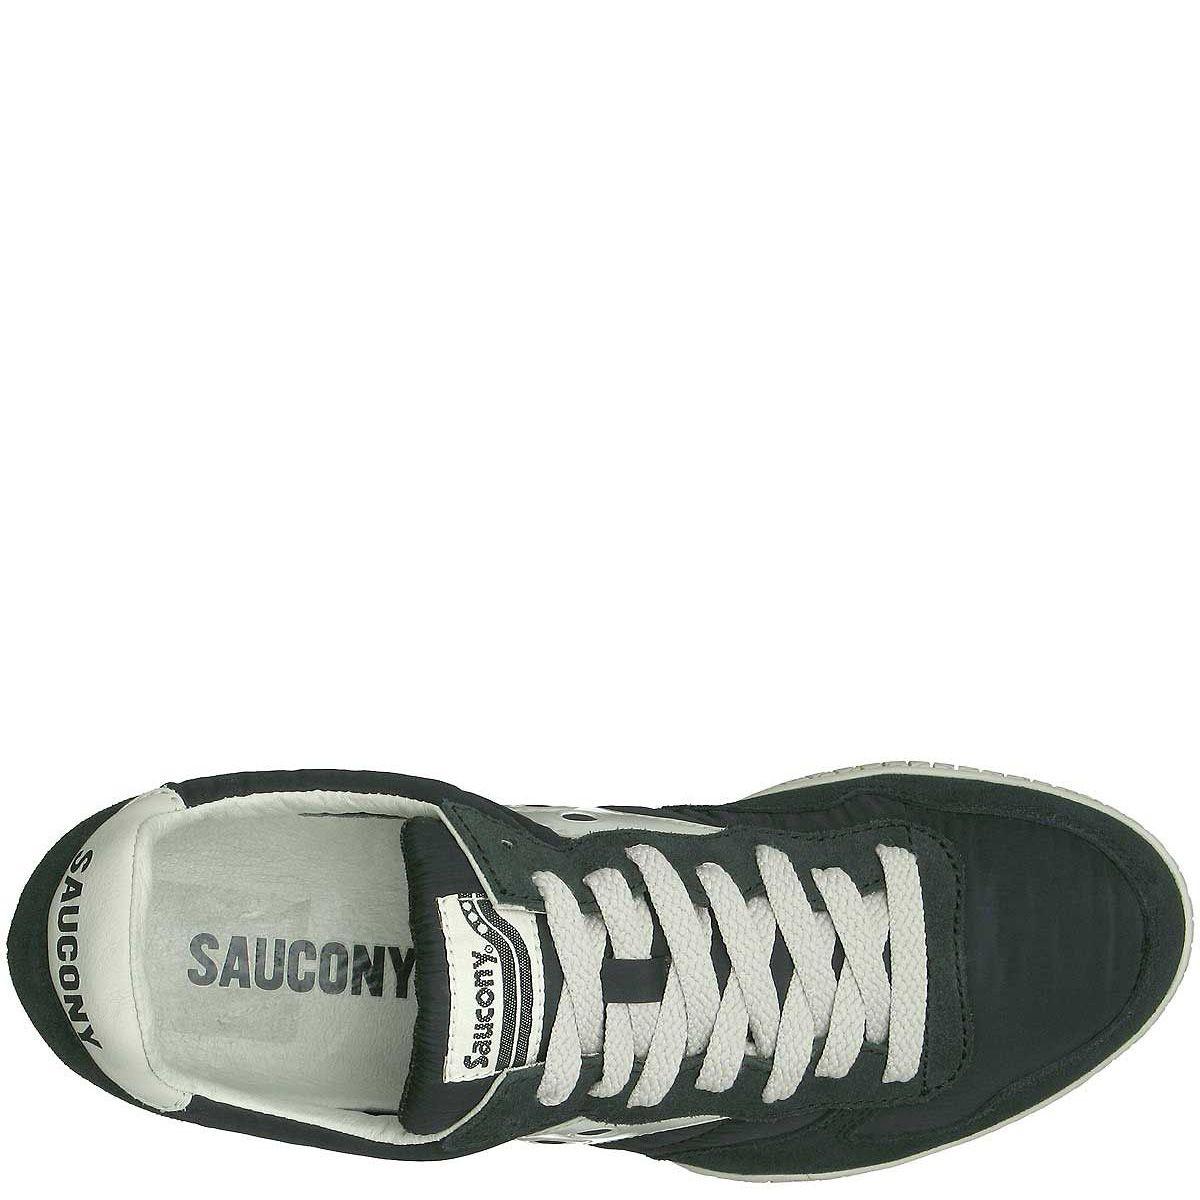 Мужские кроссовки Saucony Bullet темно-серые с зеленоватым оттенком